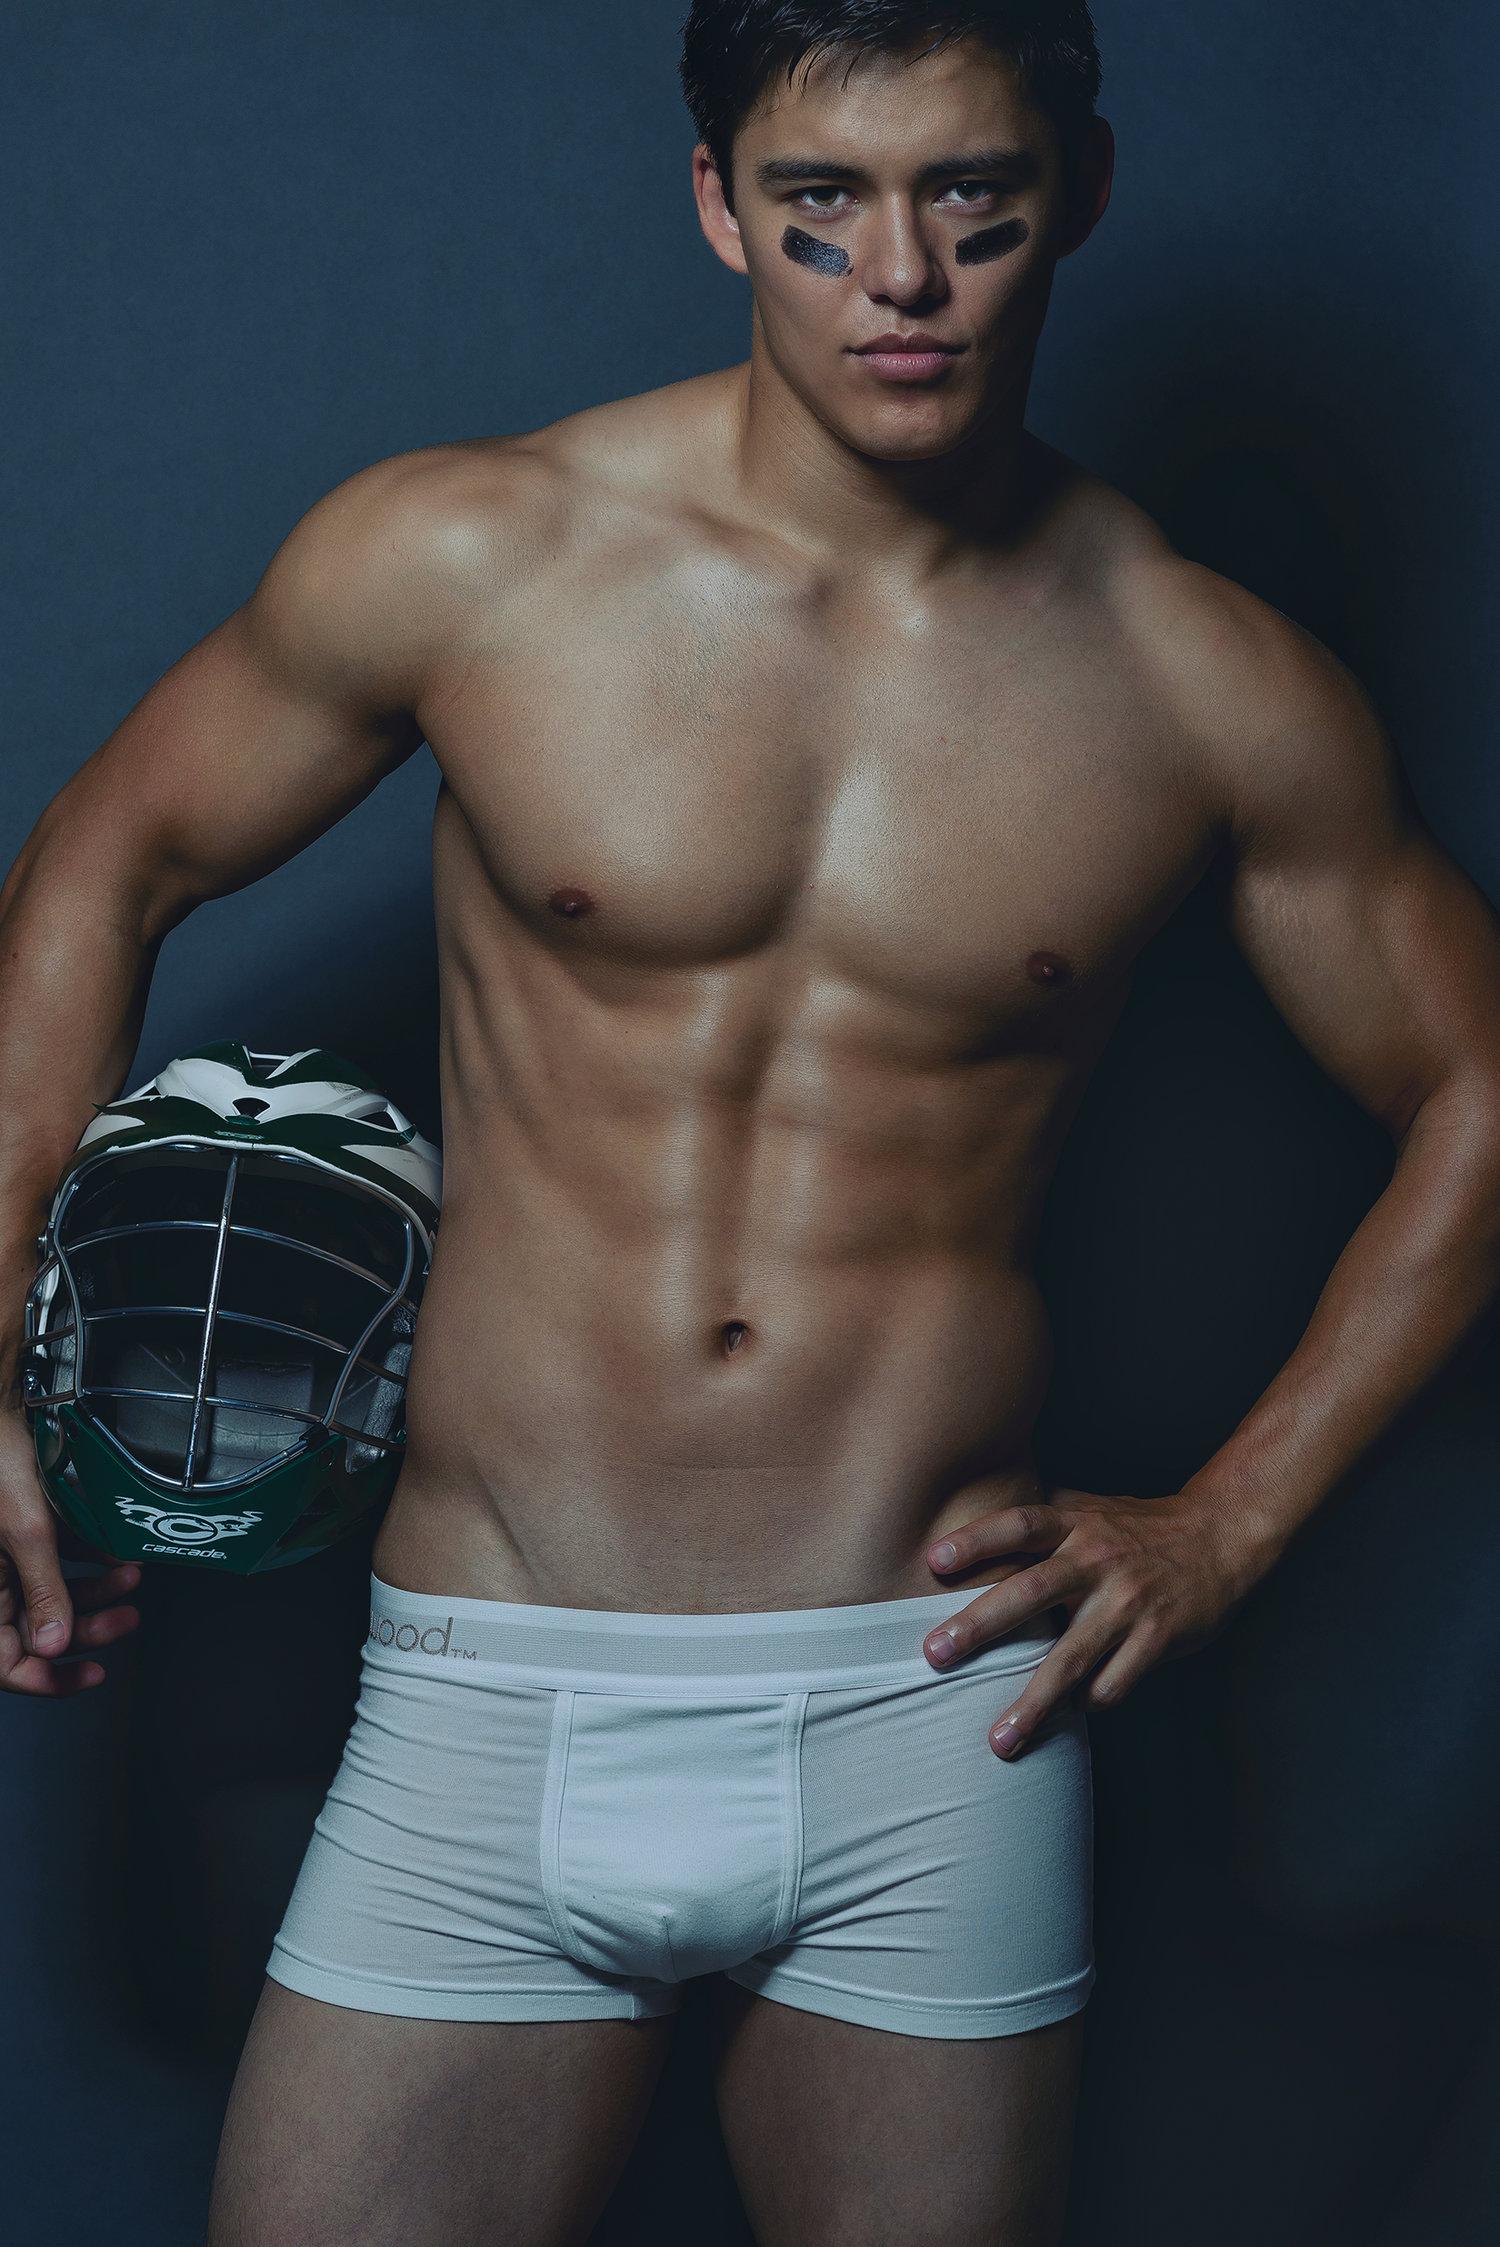 Adon Exclusive: Model Everett Tucker By Armando Adajar